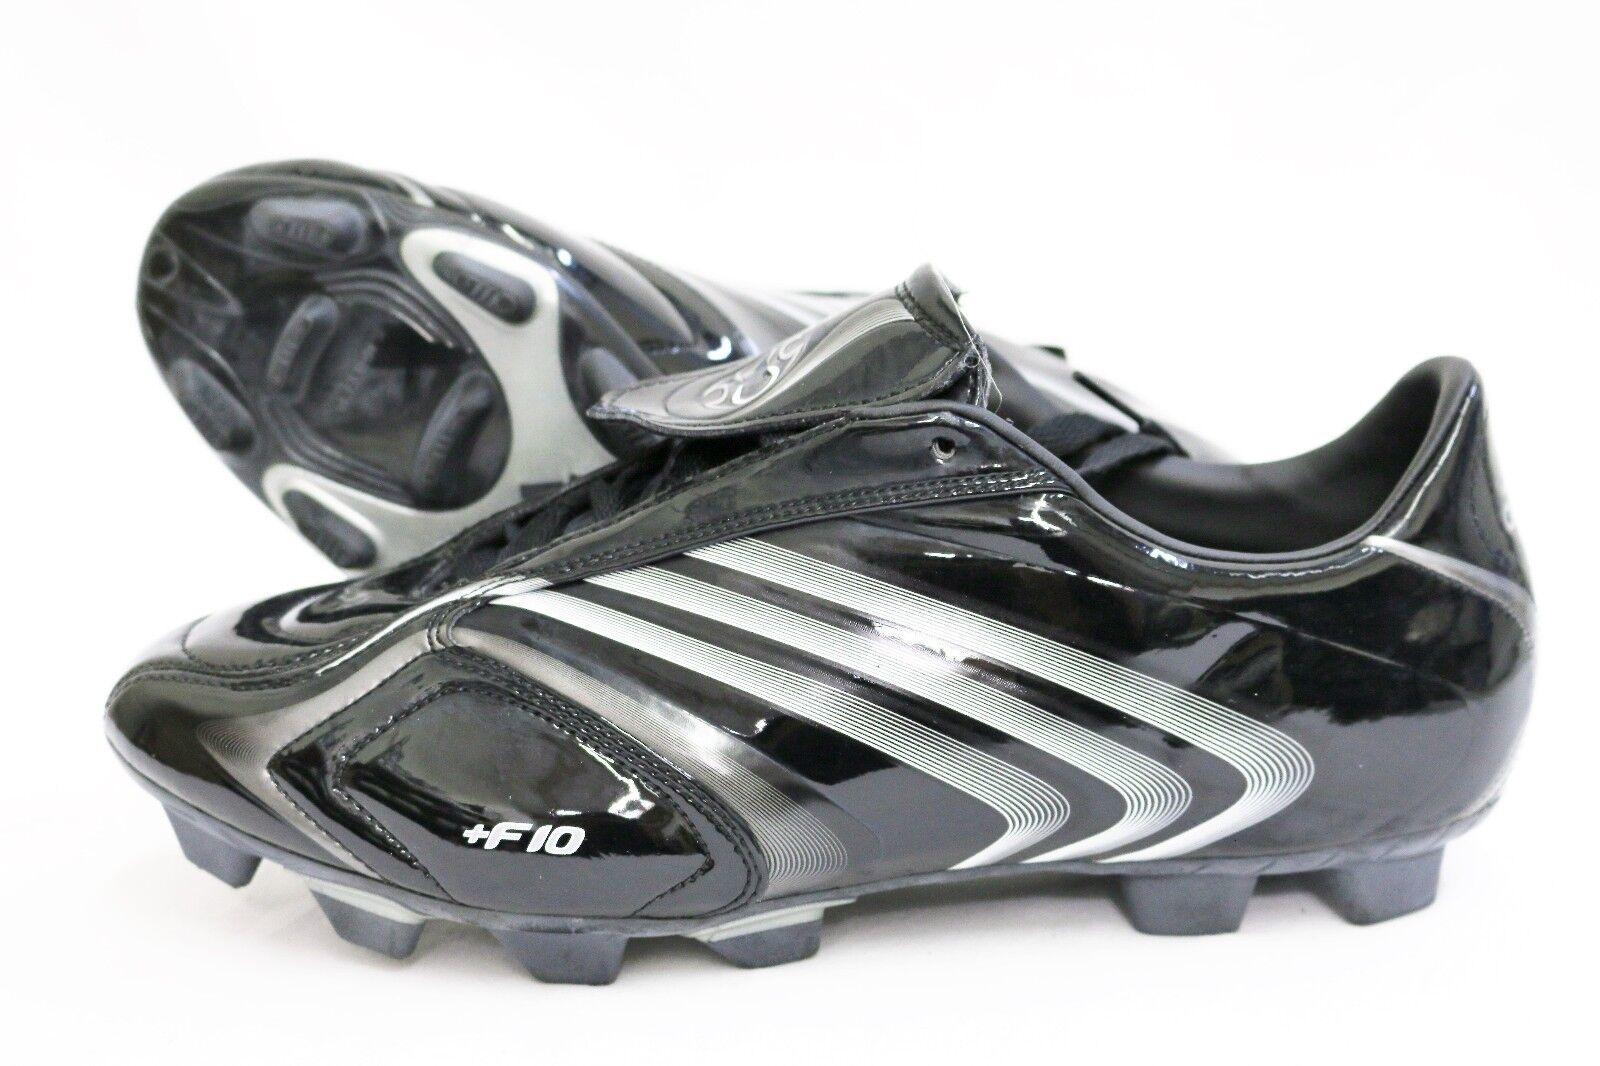 Adidas F 10.6 TRX FG A462550 Cleats Black Men